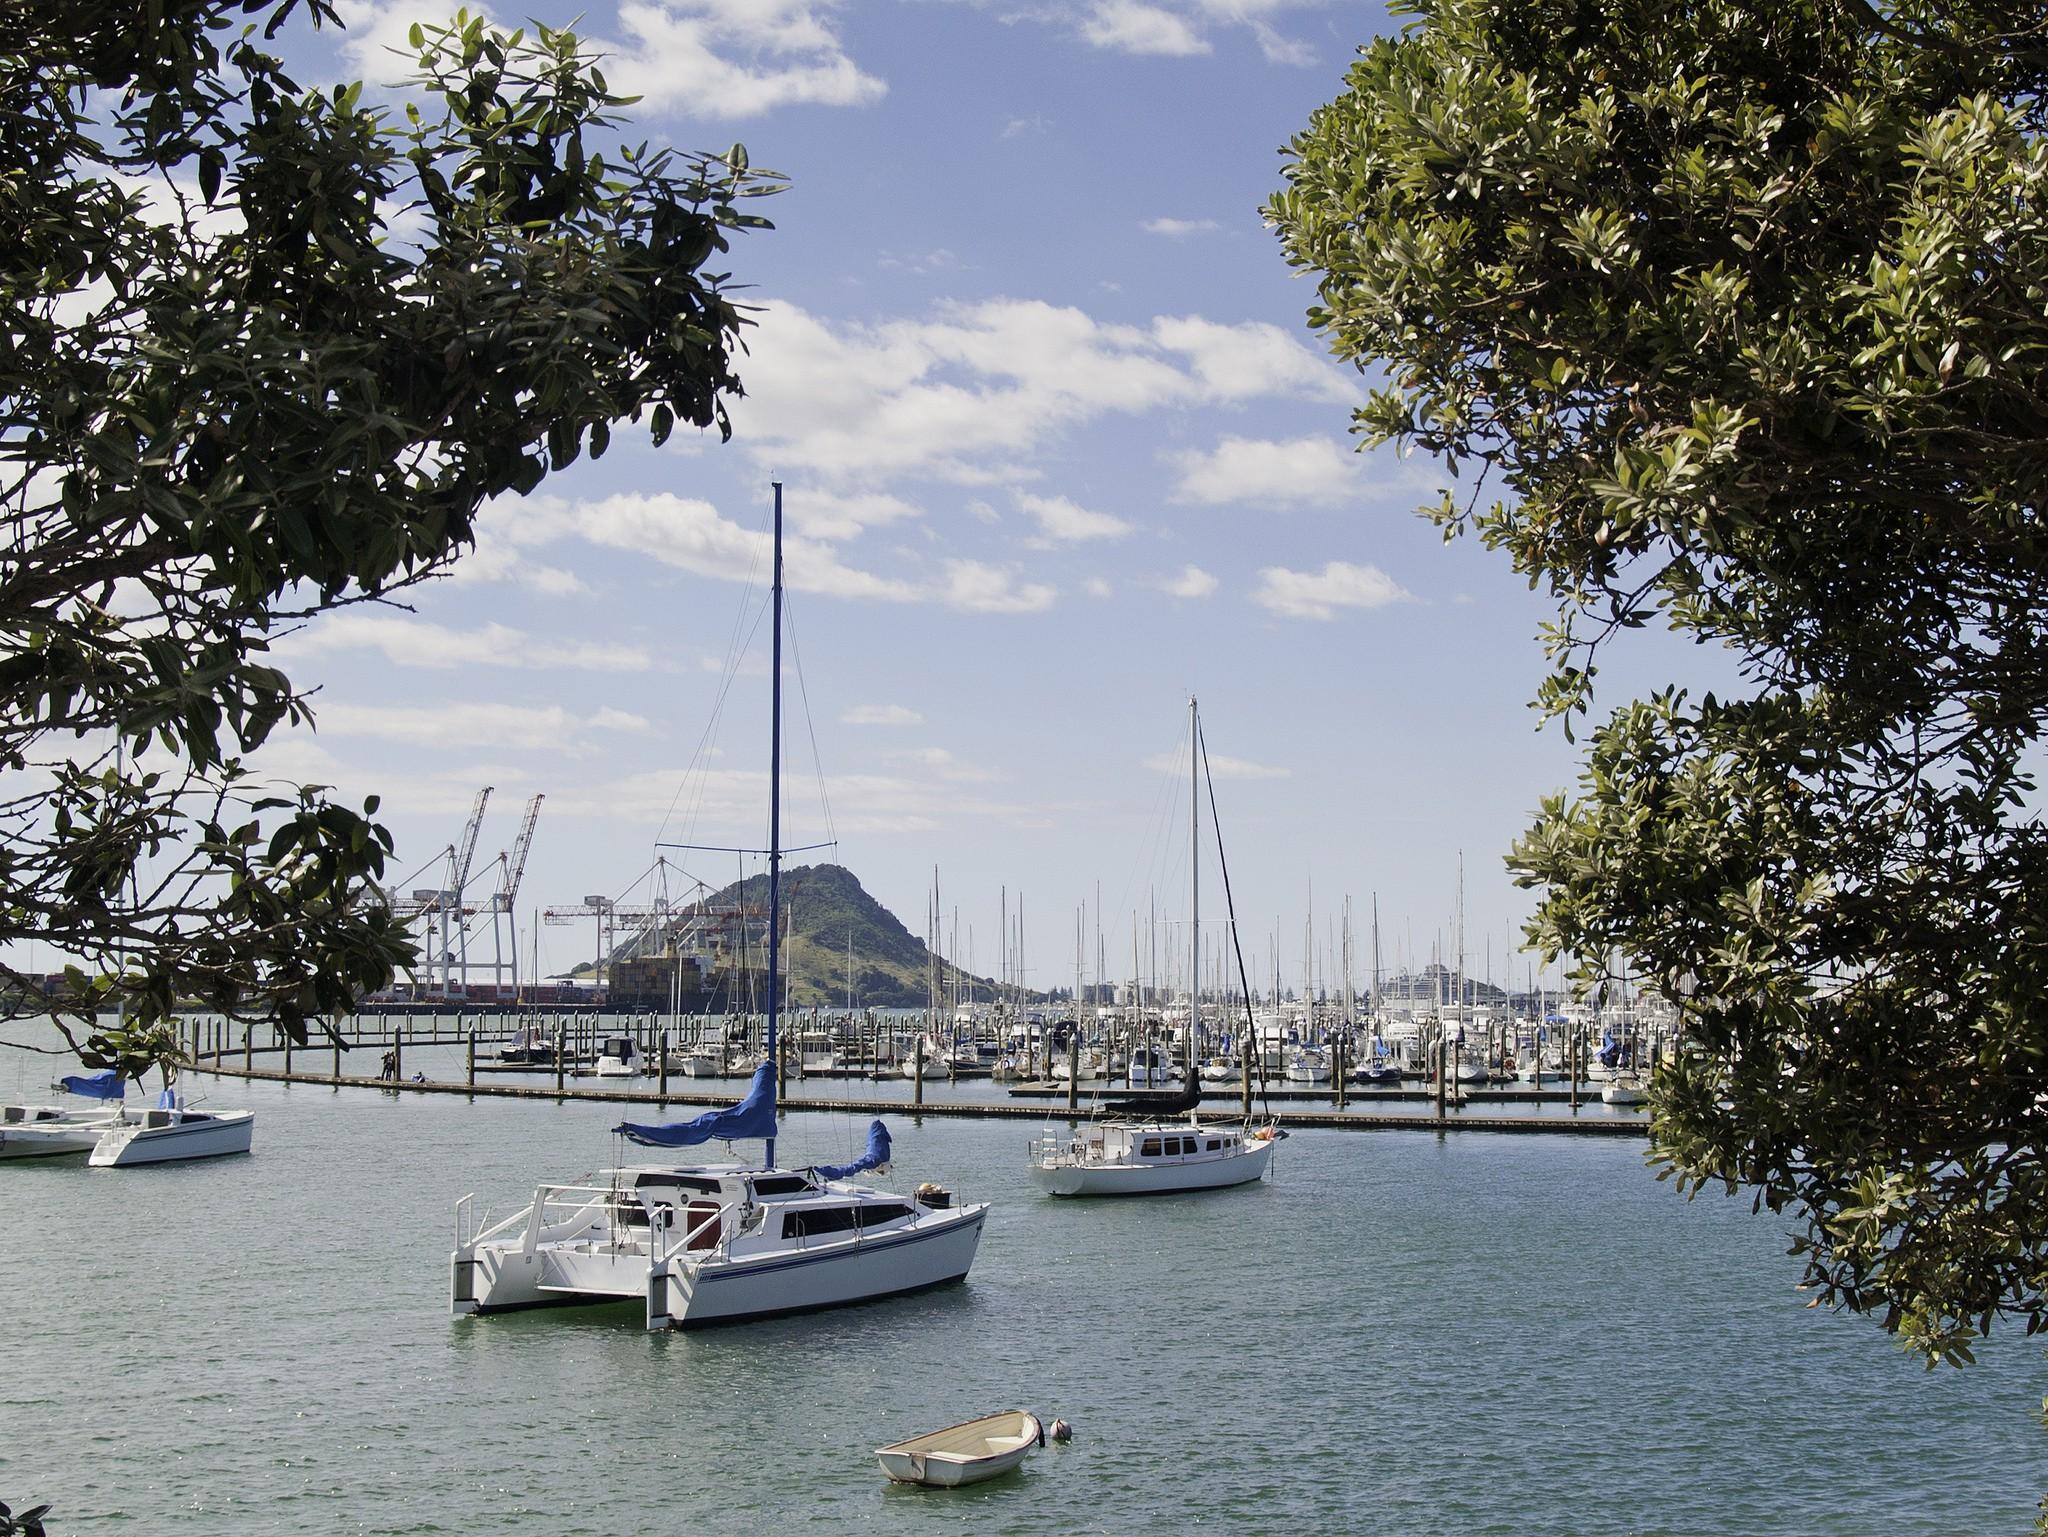 Top Ten Restaurants In Tauranga's Bay Of Plenty, New Zealand